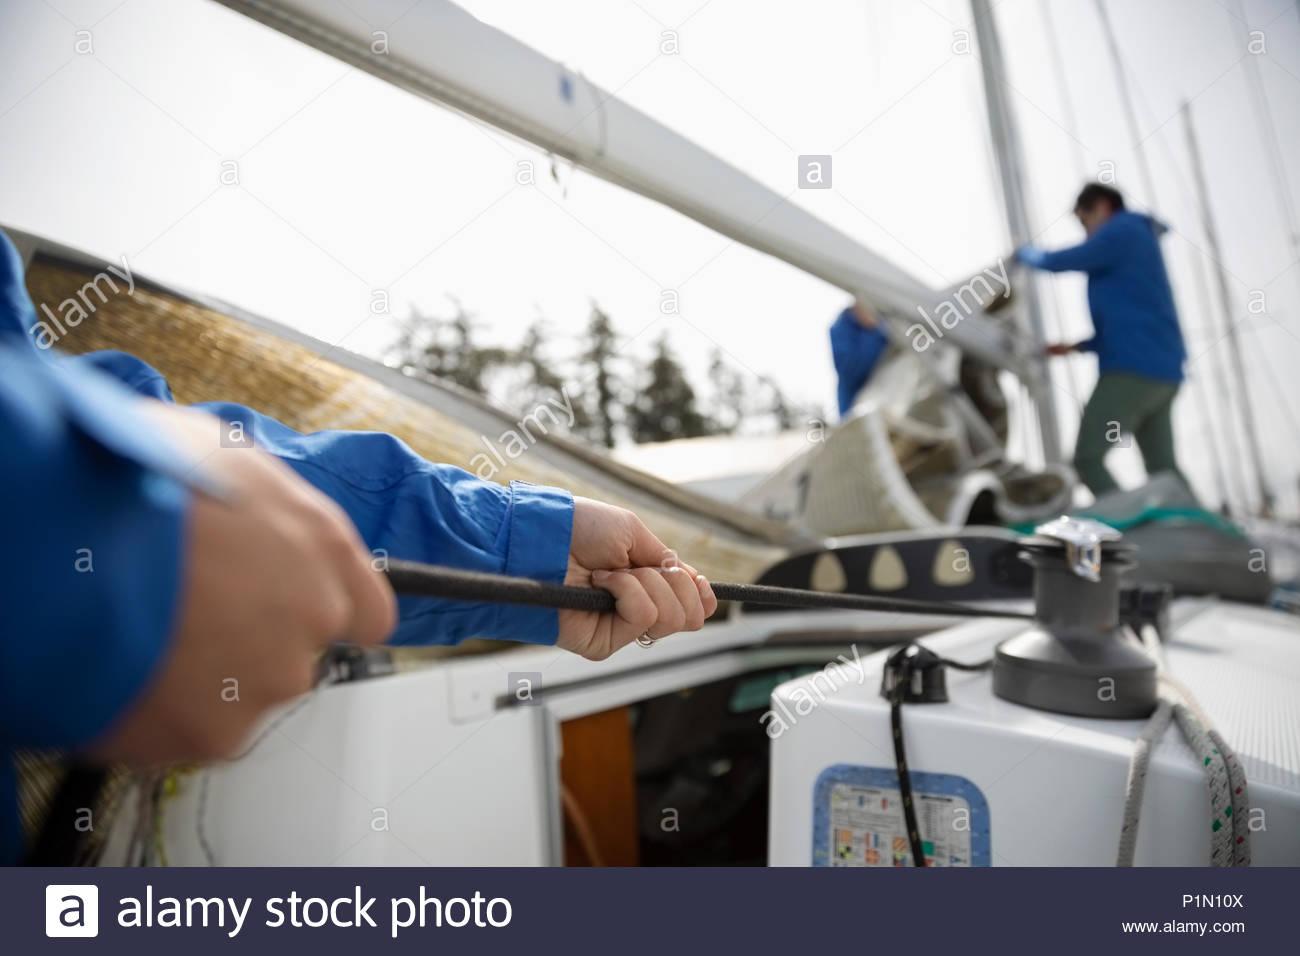 Preparación del equipo de vela navegar en velero Imagen De Stock